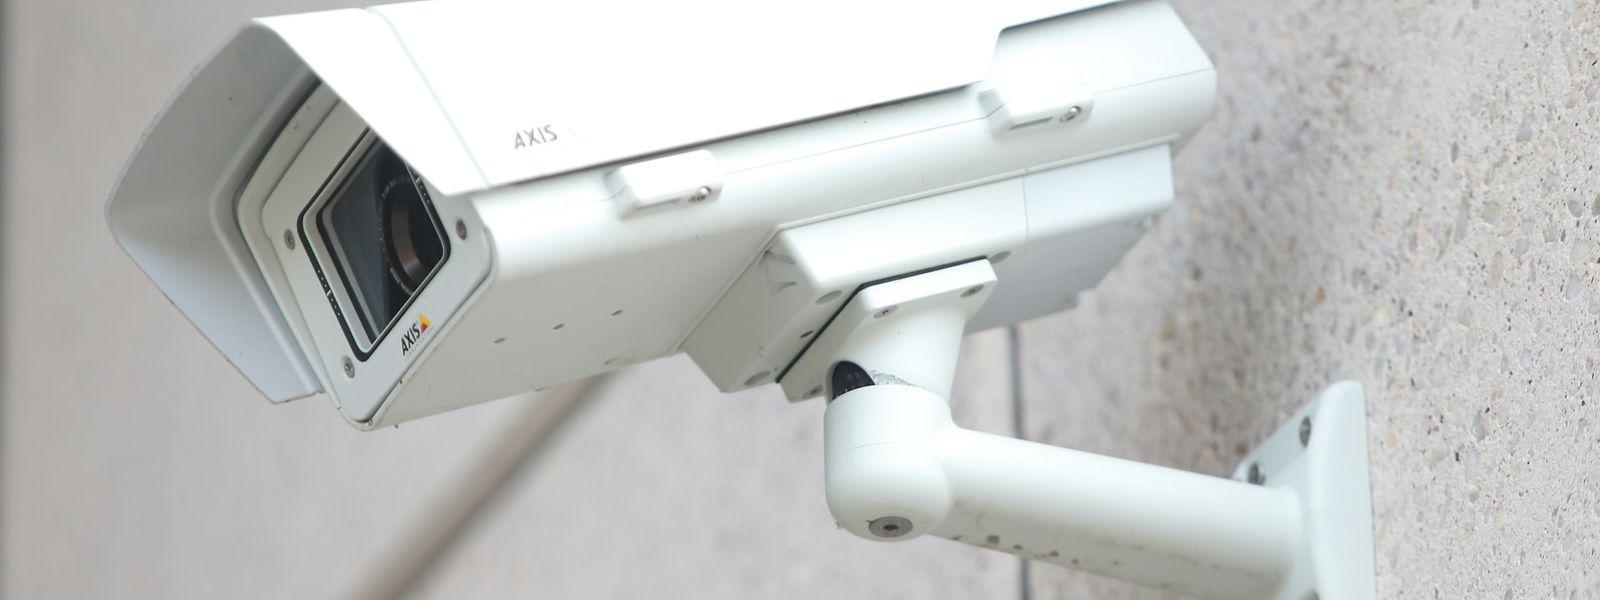 Die Software gleicht Bilder von Überwachungskameras mit Datenbanken ab.